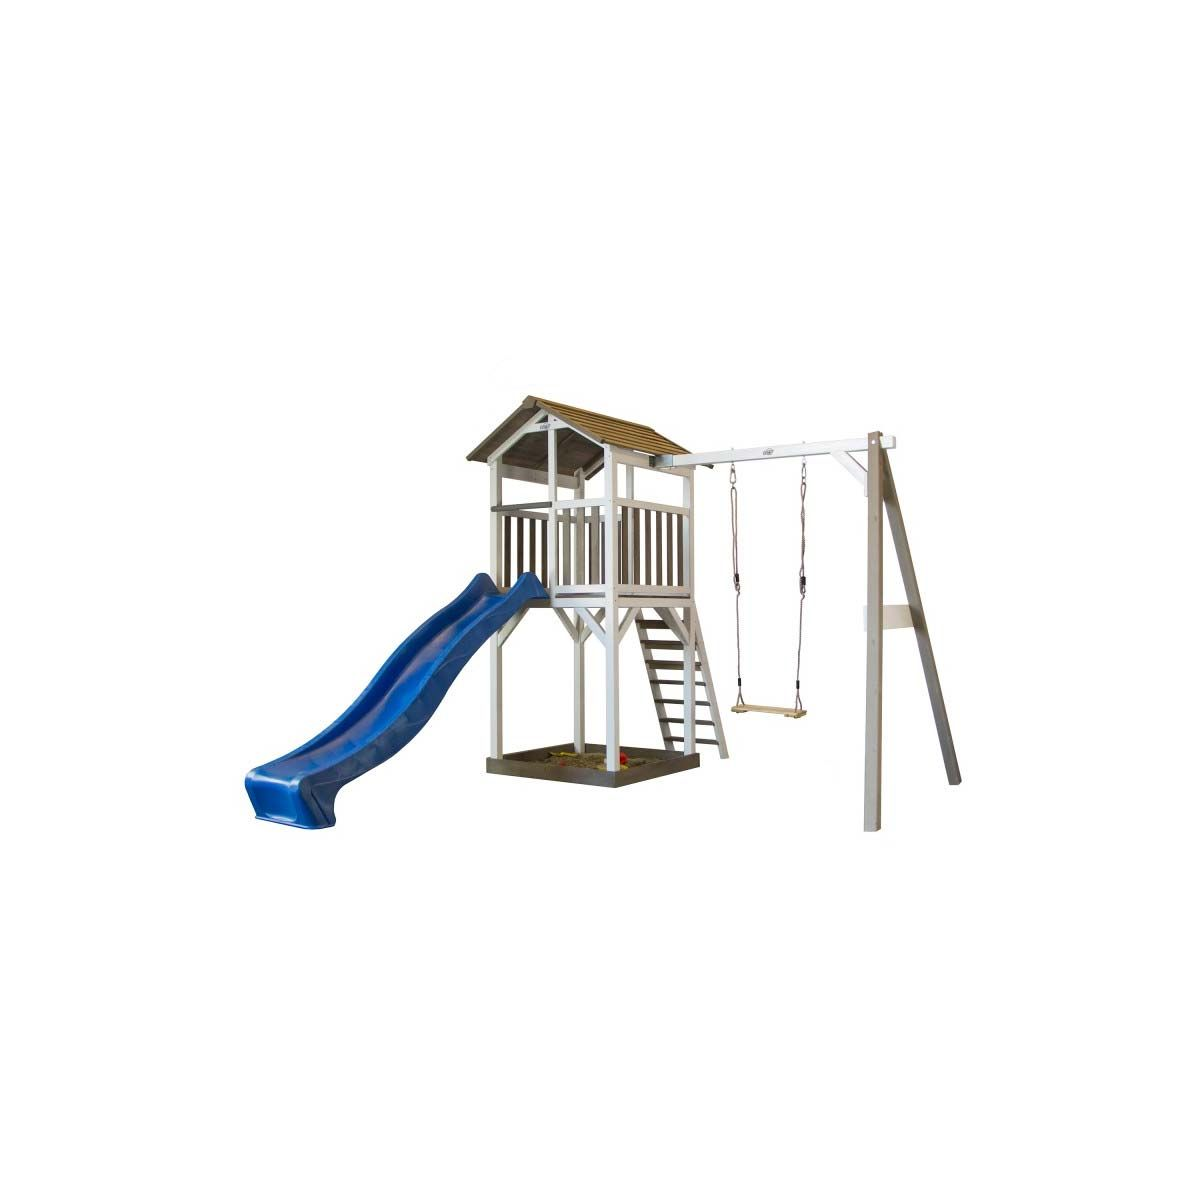 Spielhaus Mit Rutsche Und Schaukel Holz Weiss Spielhaus Mit Rutsche Spielturm Doppelschaukel